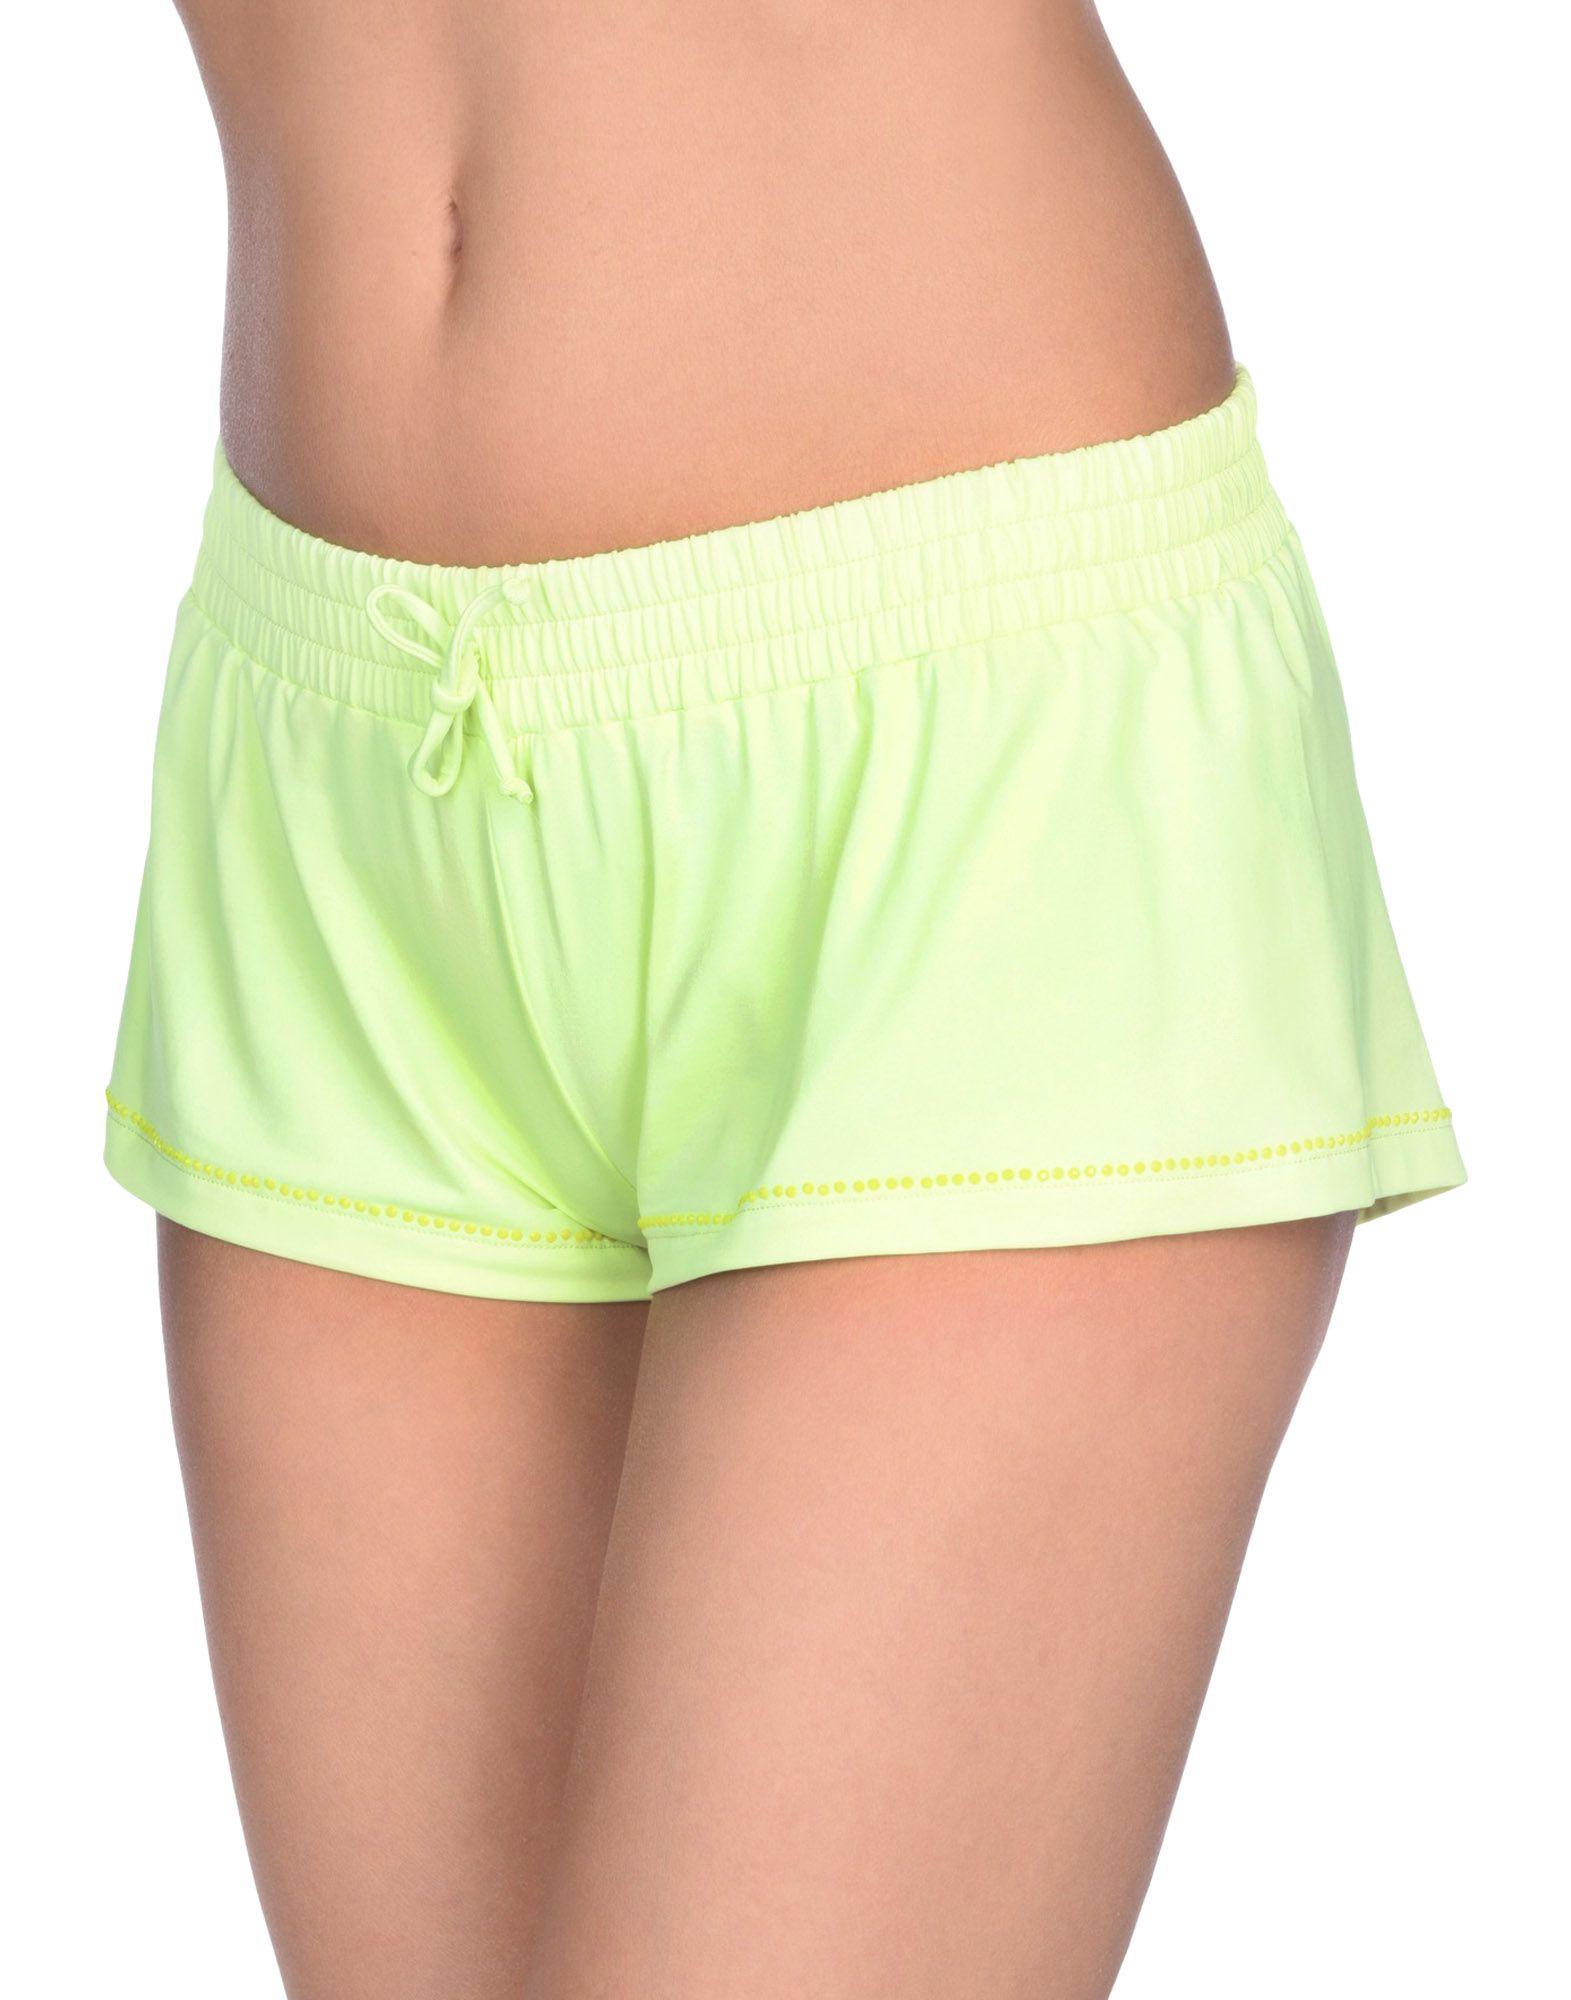 FAANJ Пляжные брюки и шорты мужские пляжные шорты adgddf surf 546321